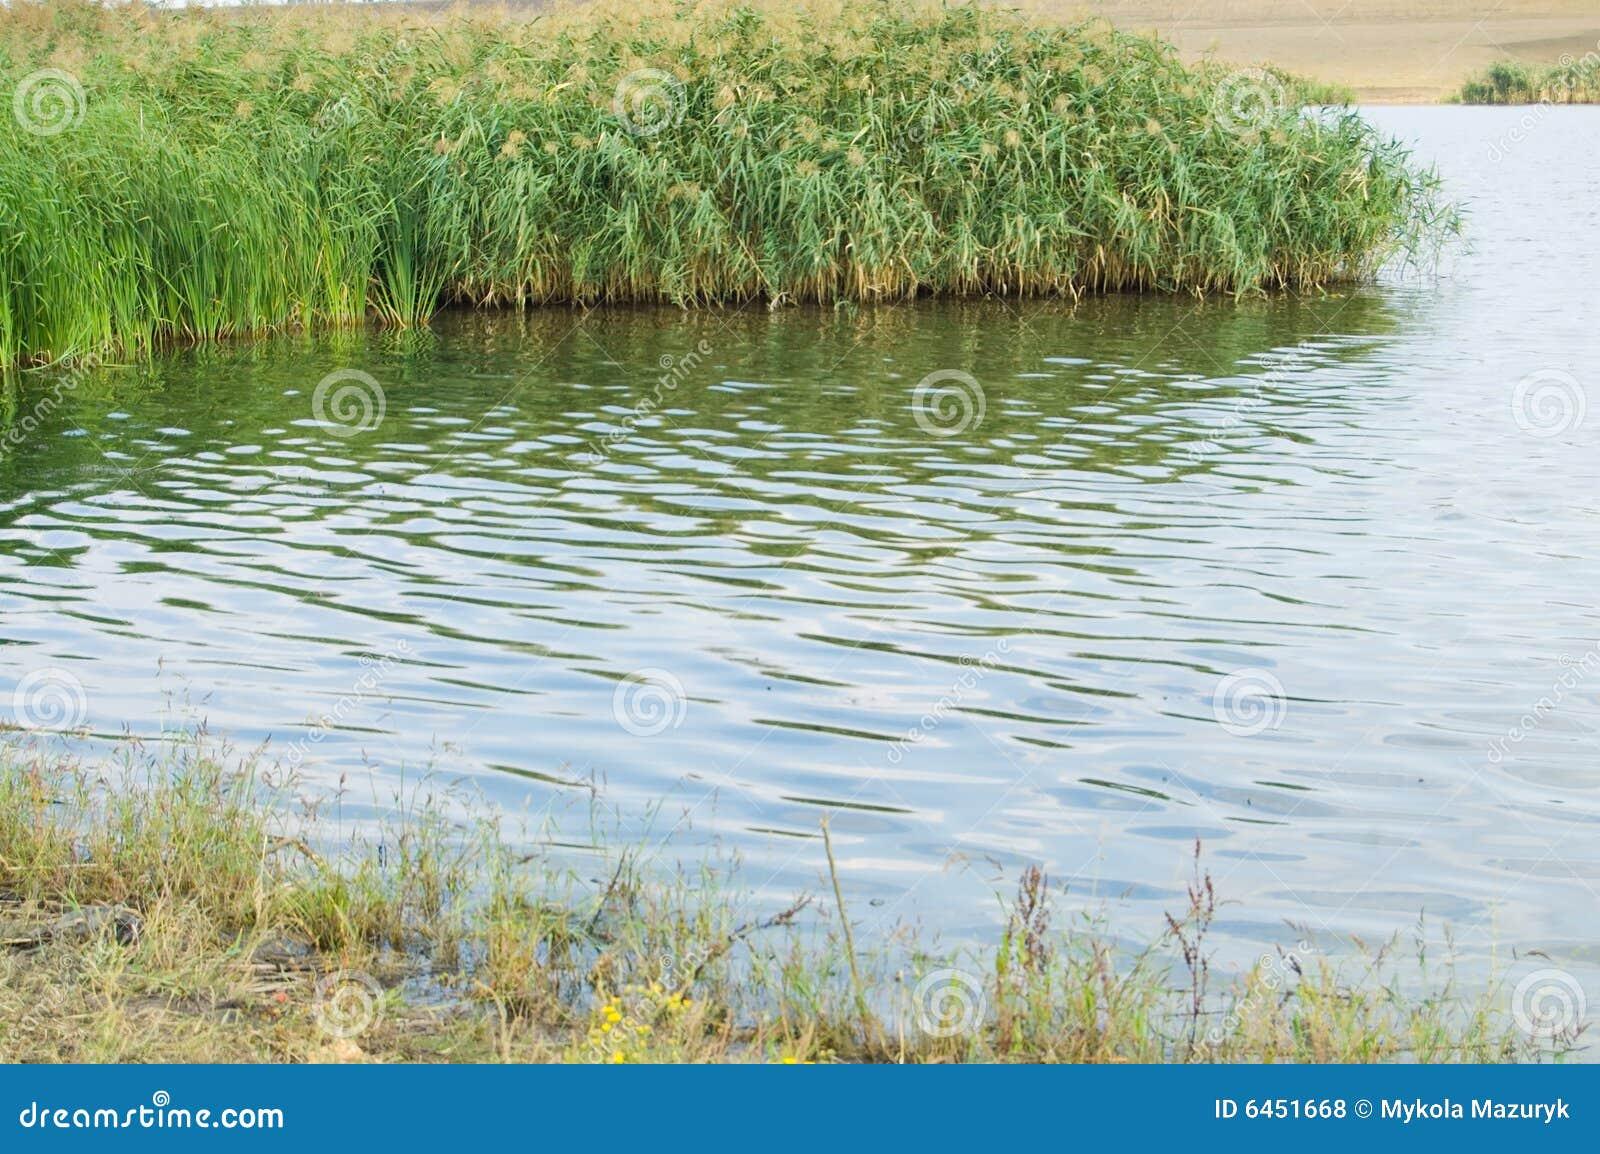 Shore lakes